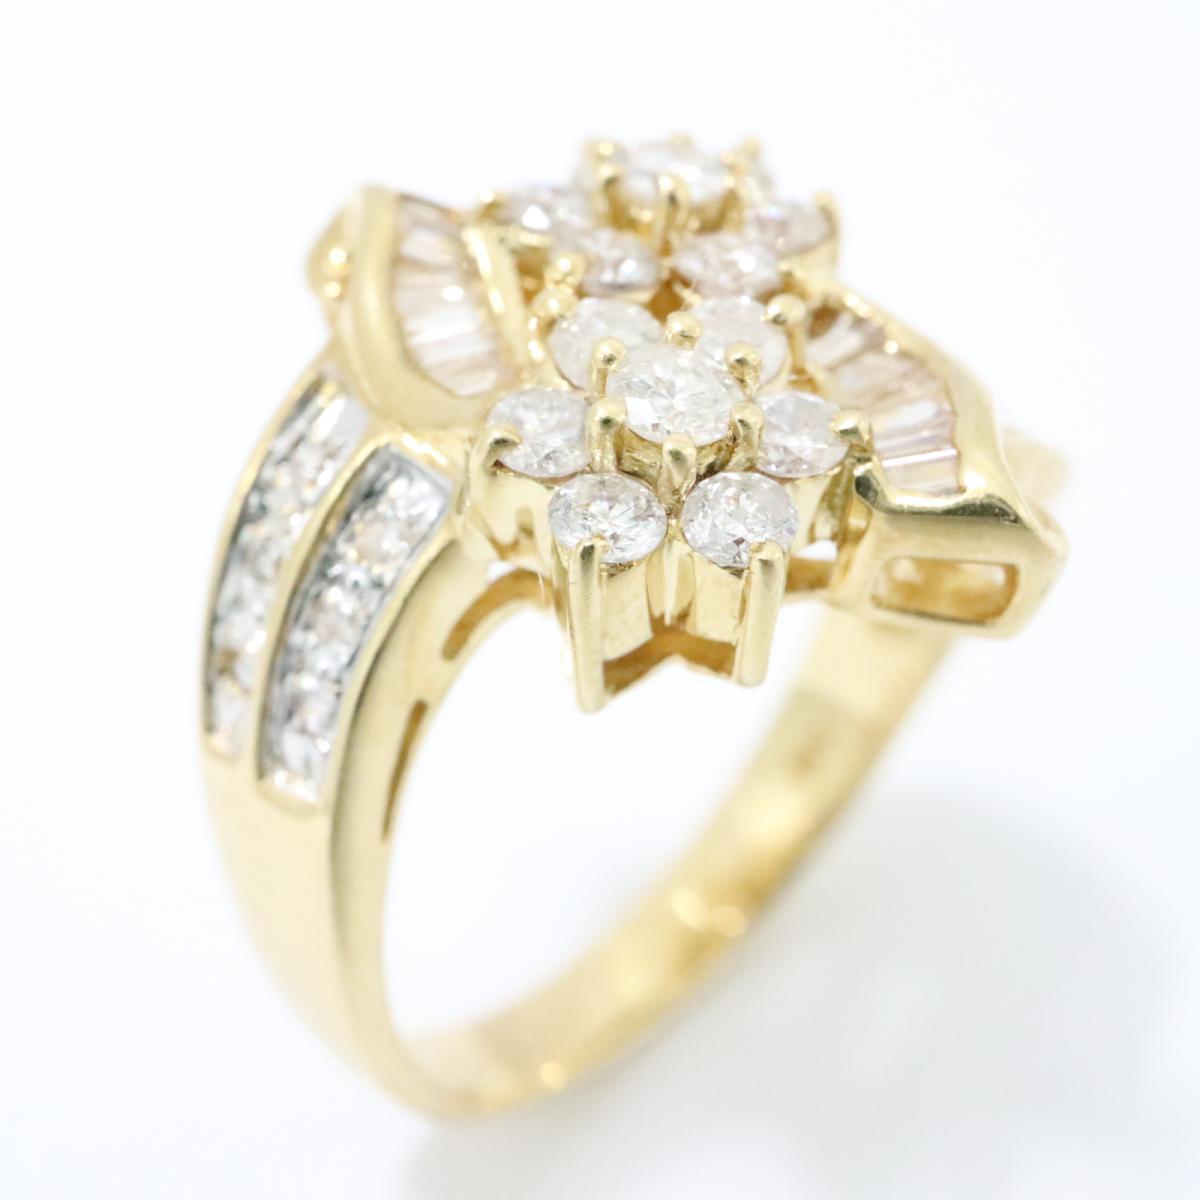 ジュエリー ダイヤモンド リング 指輪 ノーブランドジュエリー レディース K18YG (750) イエローゴールドx (0.95ct) クリアー x ゴールド 【中古】 | JEWELRY BRANDOFF ブランドオフ アクセサリー